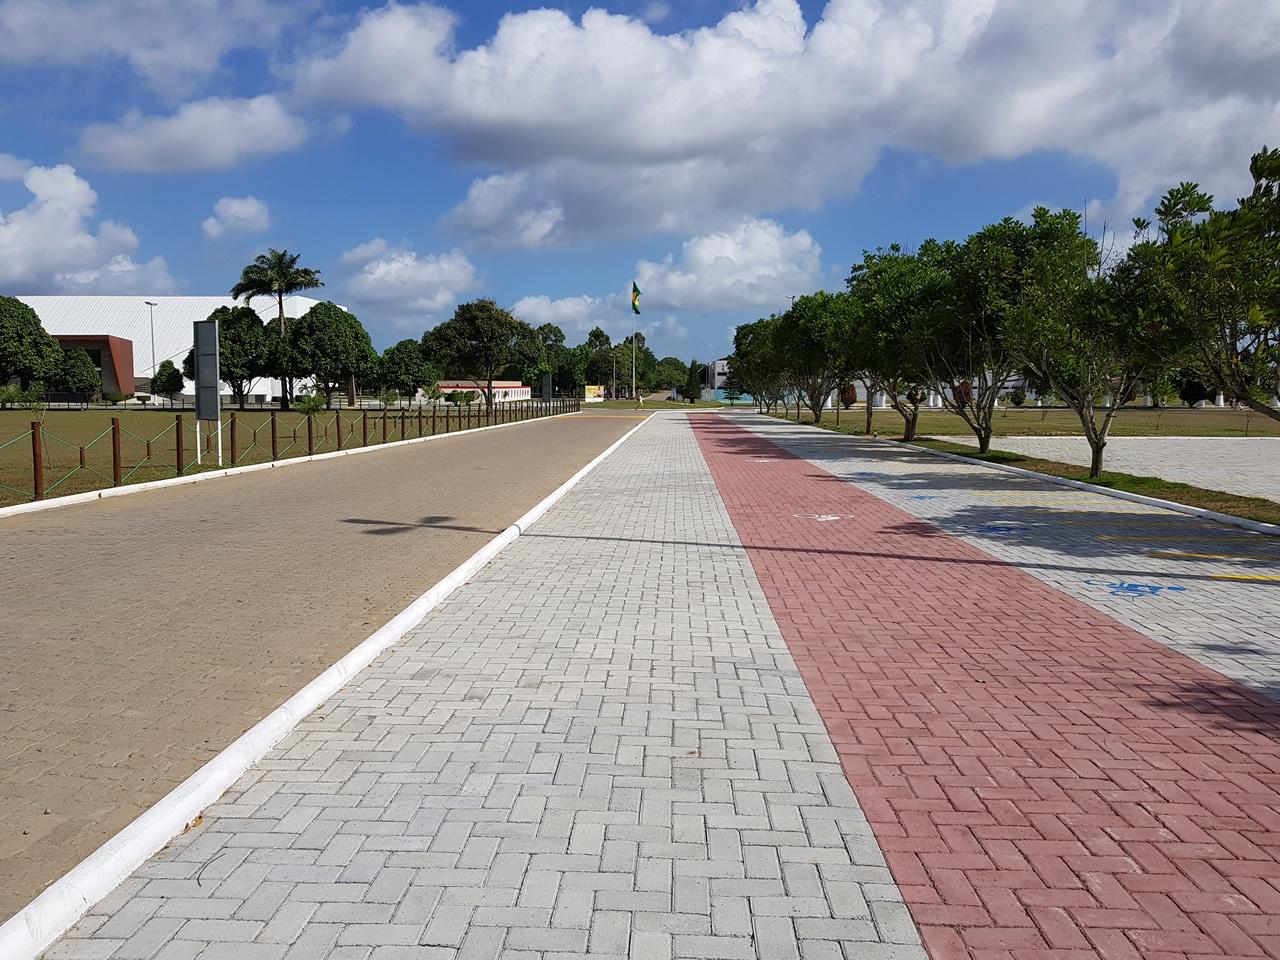 Piso BERNINI Street aplicado na obra da Faculdade Adventista do Município de Cachoeira, Bahia.